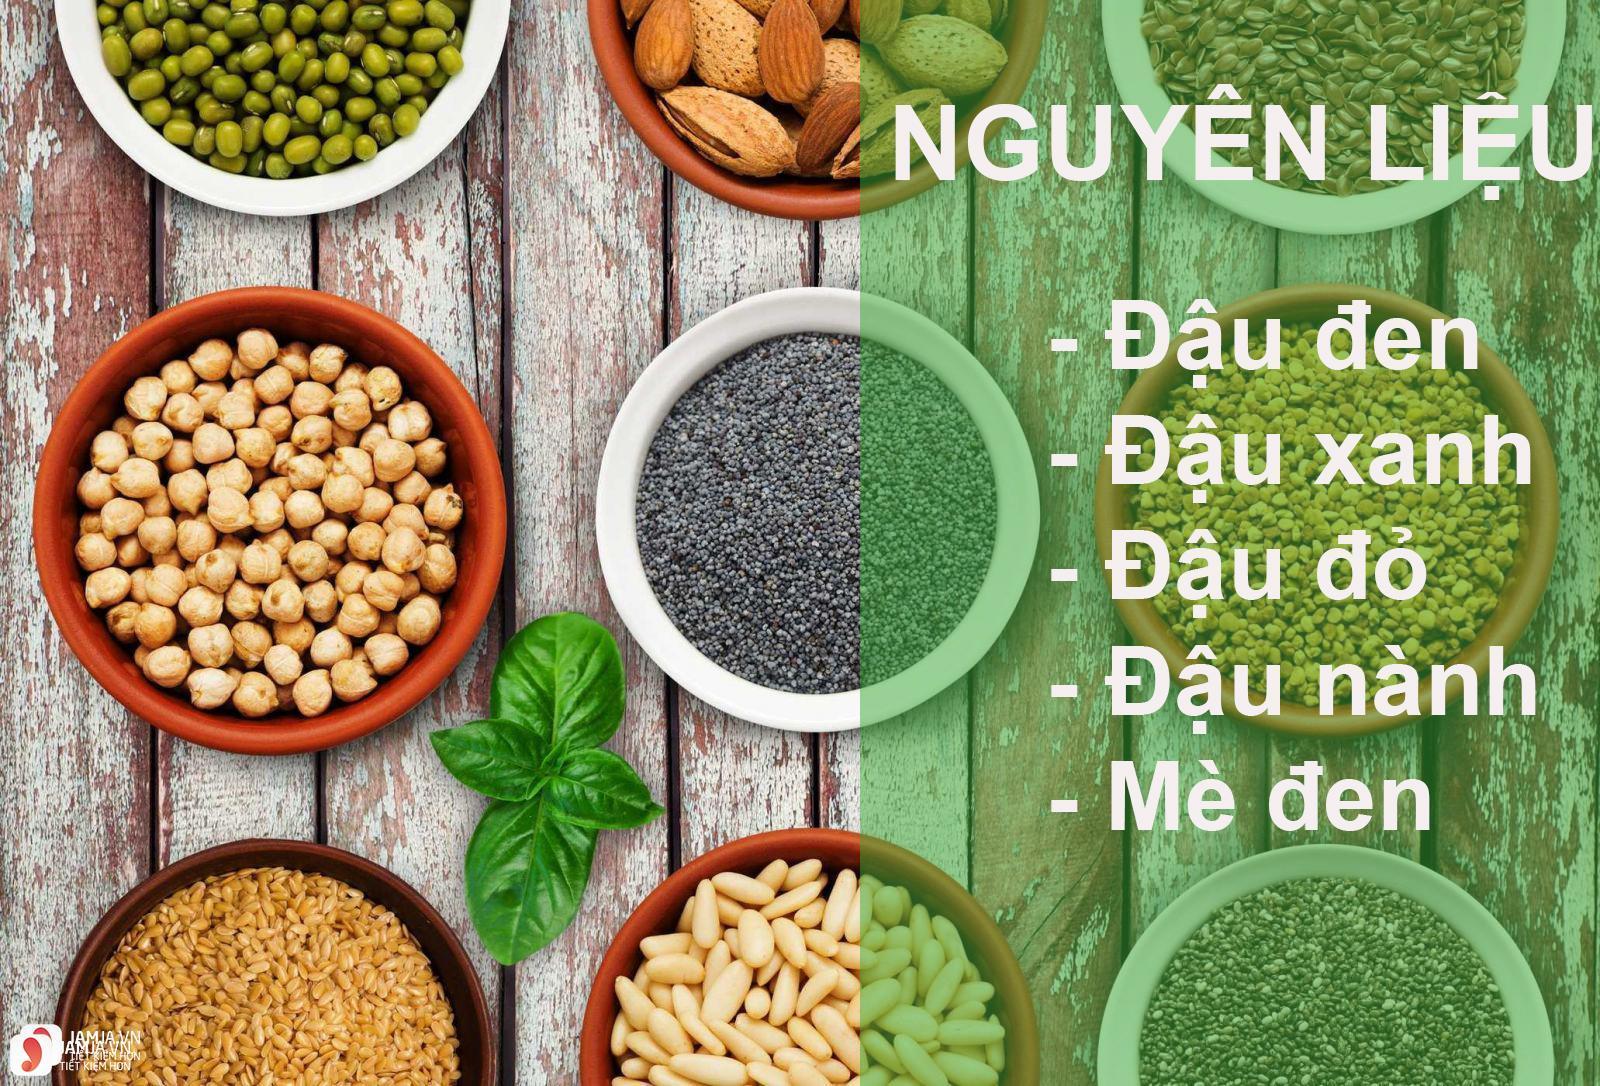 Cách làm bột ngũ cốc từ đậu